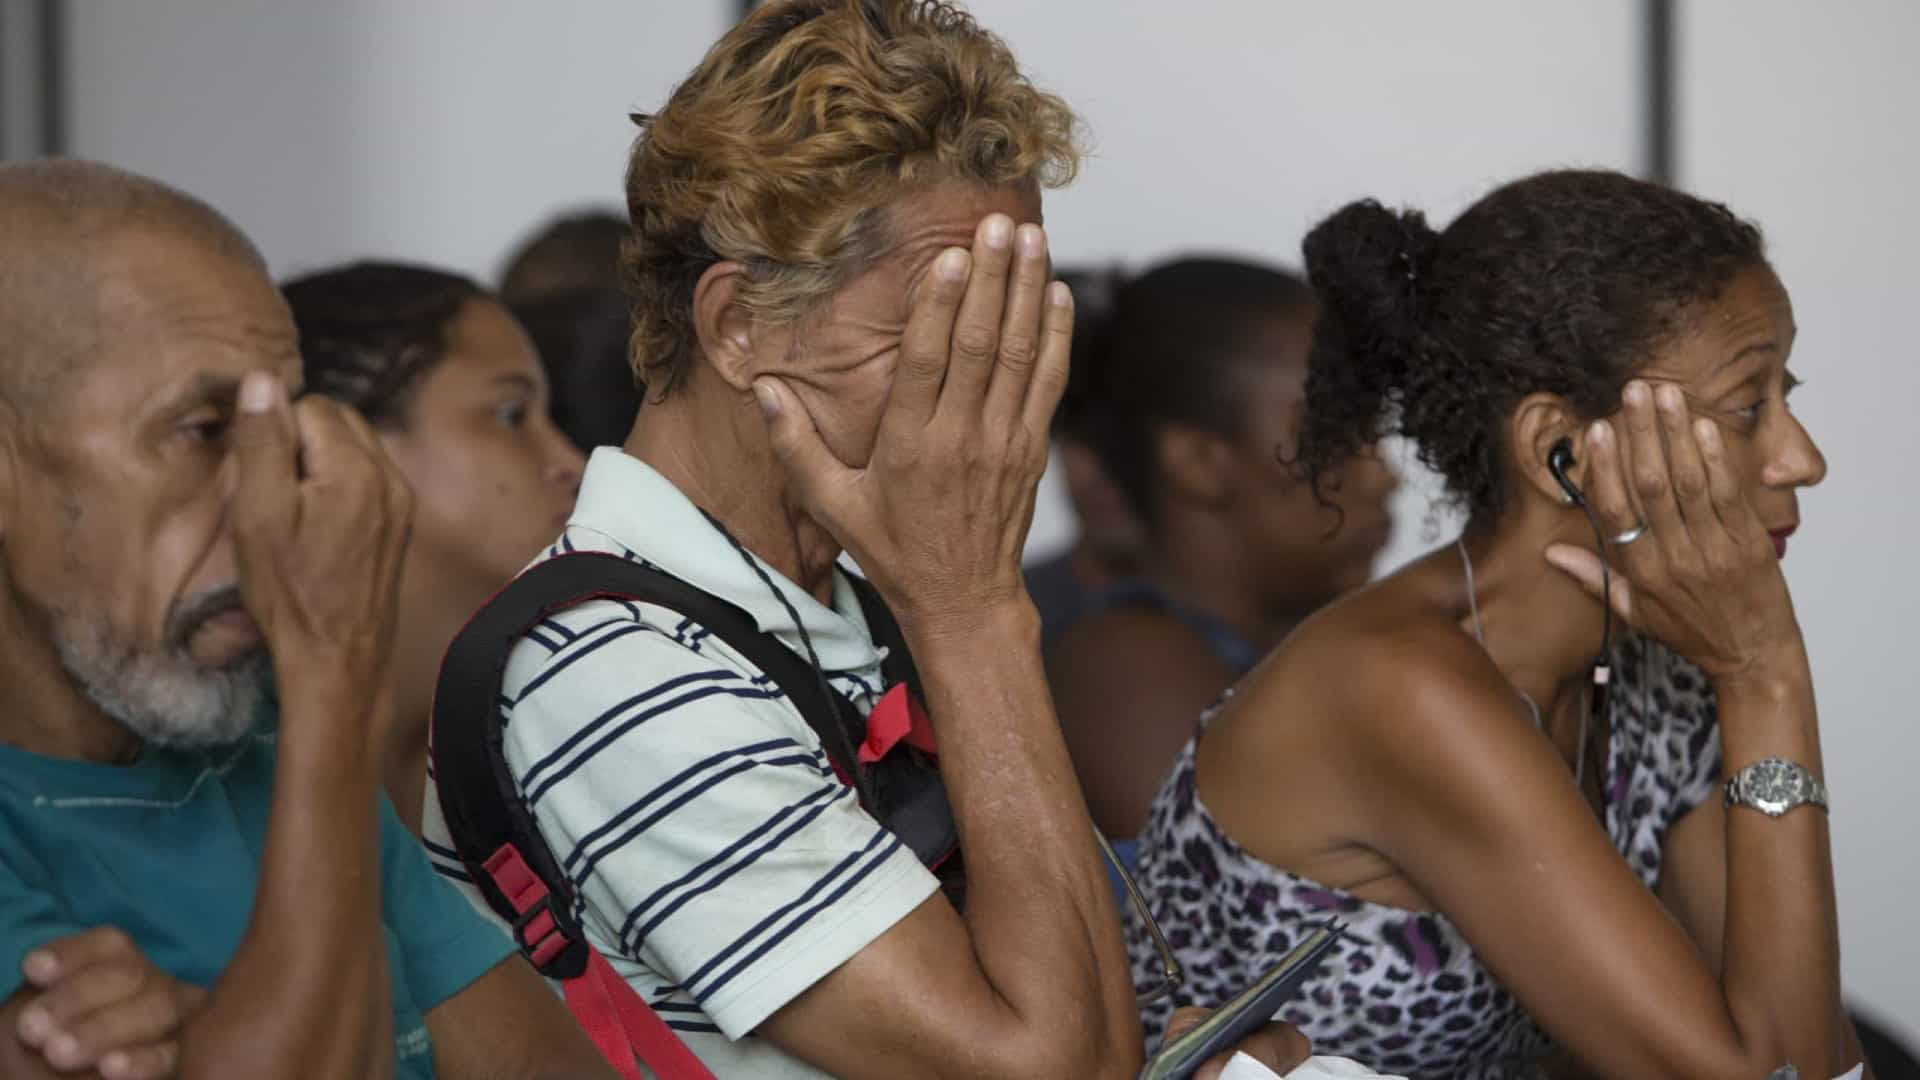 Taxa de desemprego fica em 14,1% no trimestre até junho, afirma IBGE